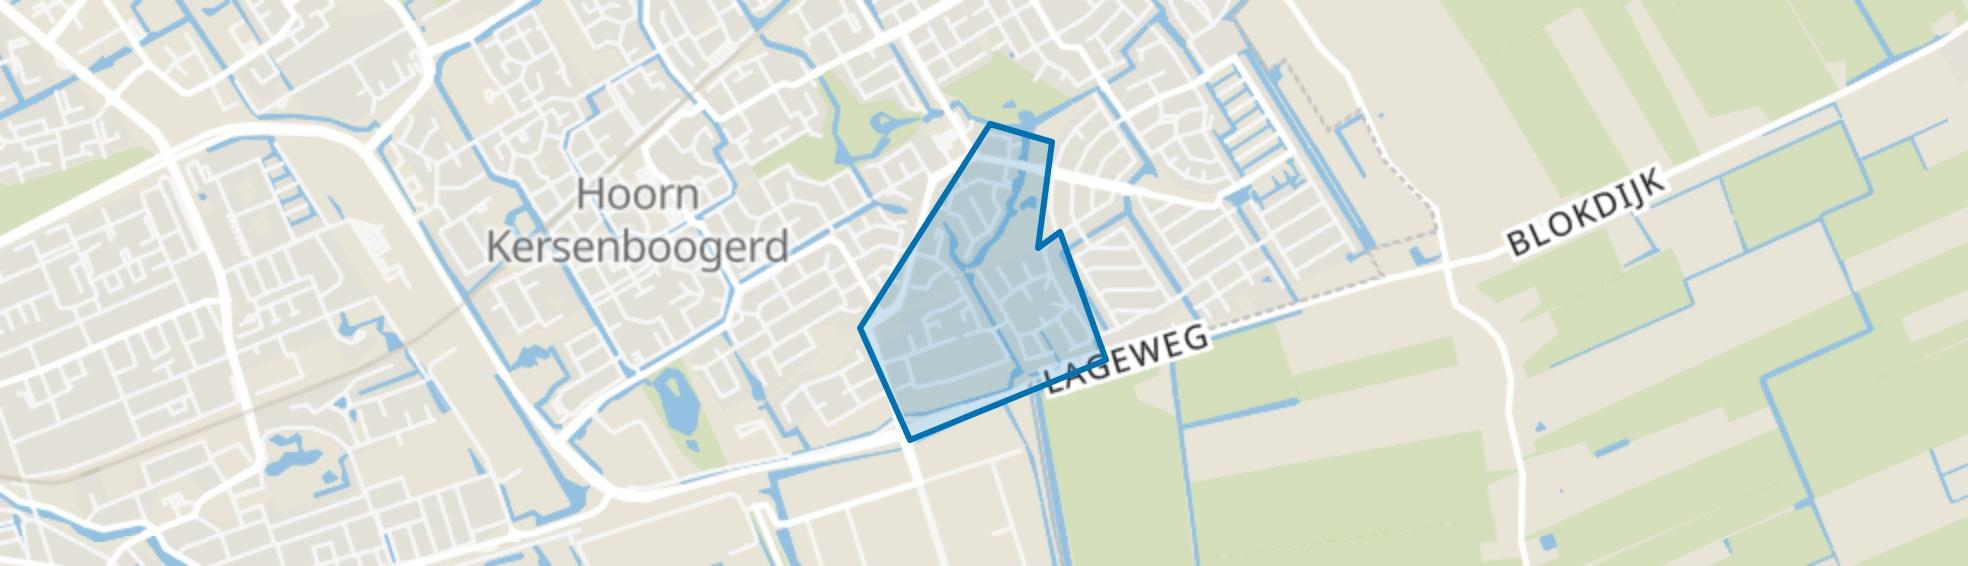 Kersenboogerd-Zuid - Buurt 33 05, Hoorn (NH) map